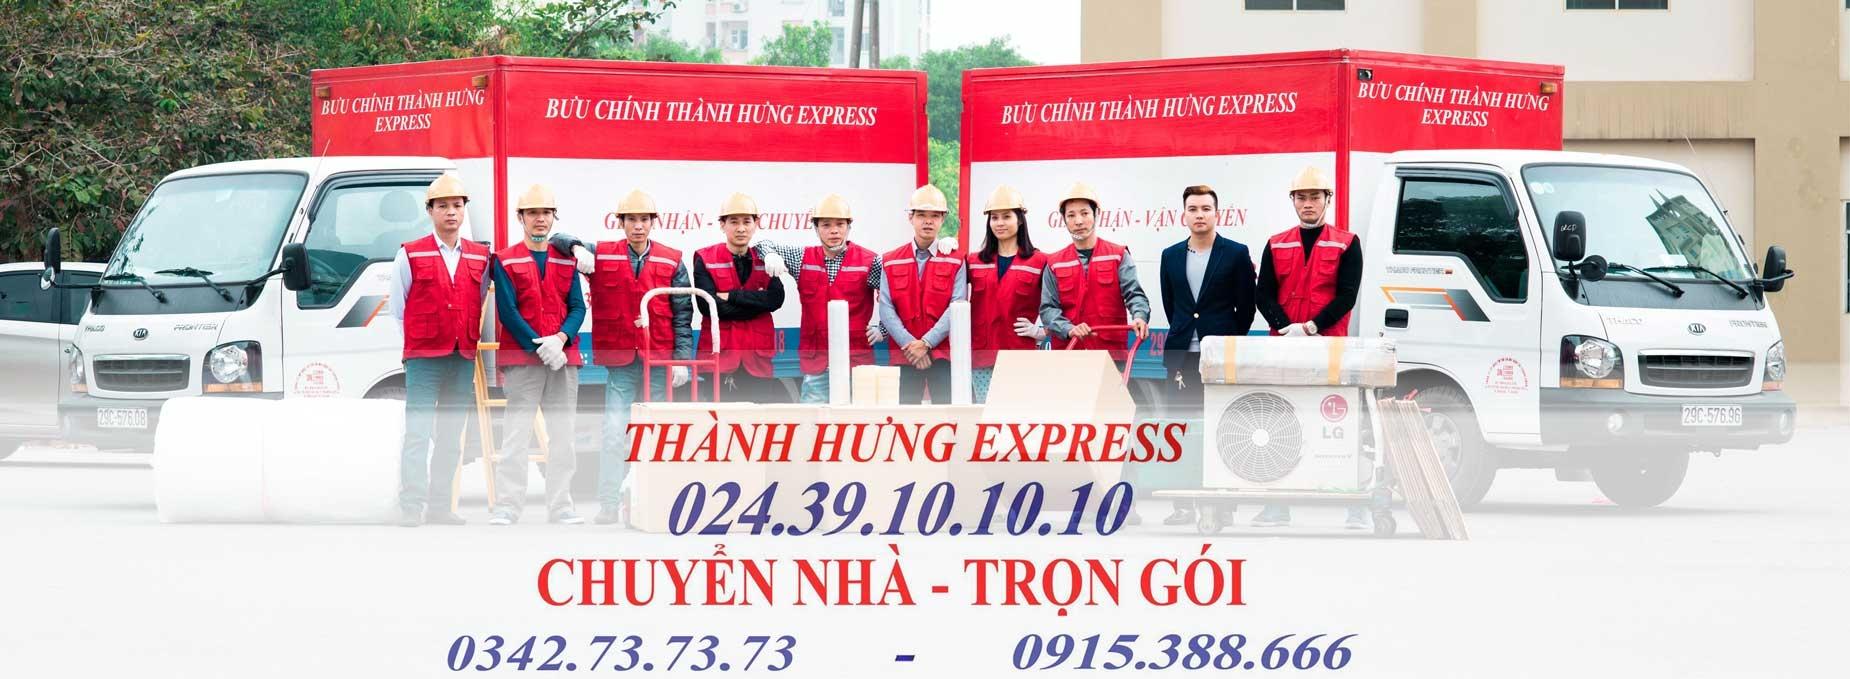 Chuyển nhà trọn gói - dịch vụ chuyển nhà Hà Nội  (@vantaithanhhung) Cover Image